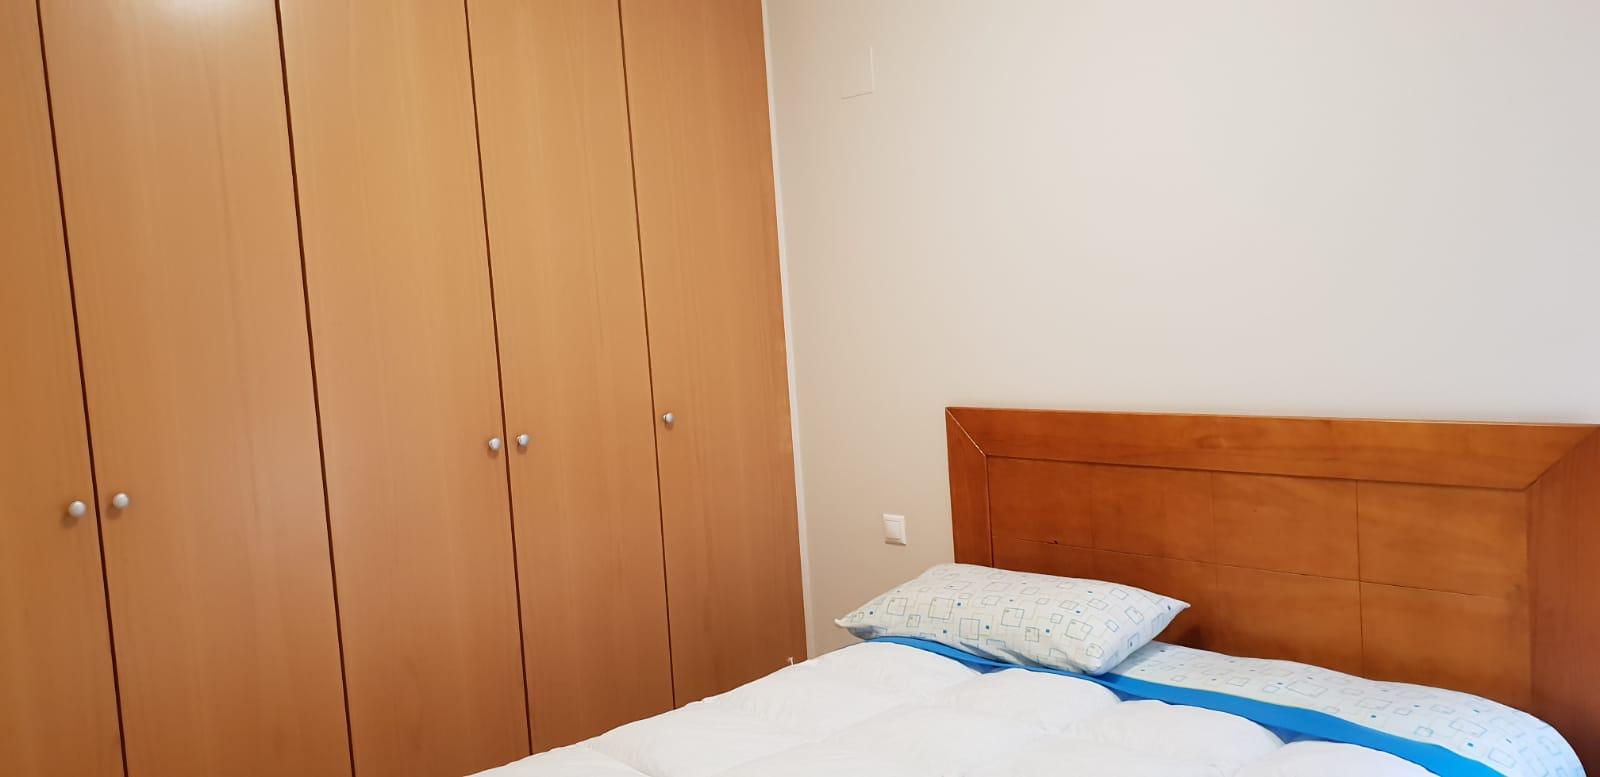 Miete Etagenwohnung  Calle valencia, 11. Alquiler piso 3 habitaciones y 2 baños en tavernes blanques